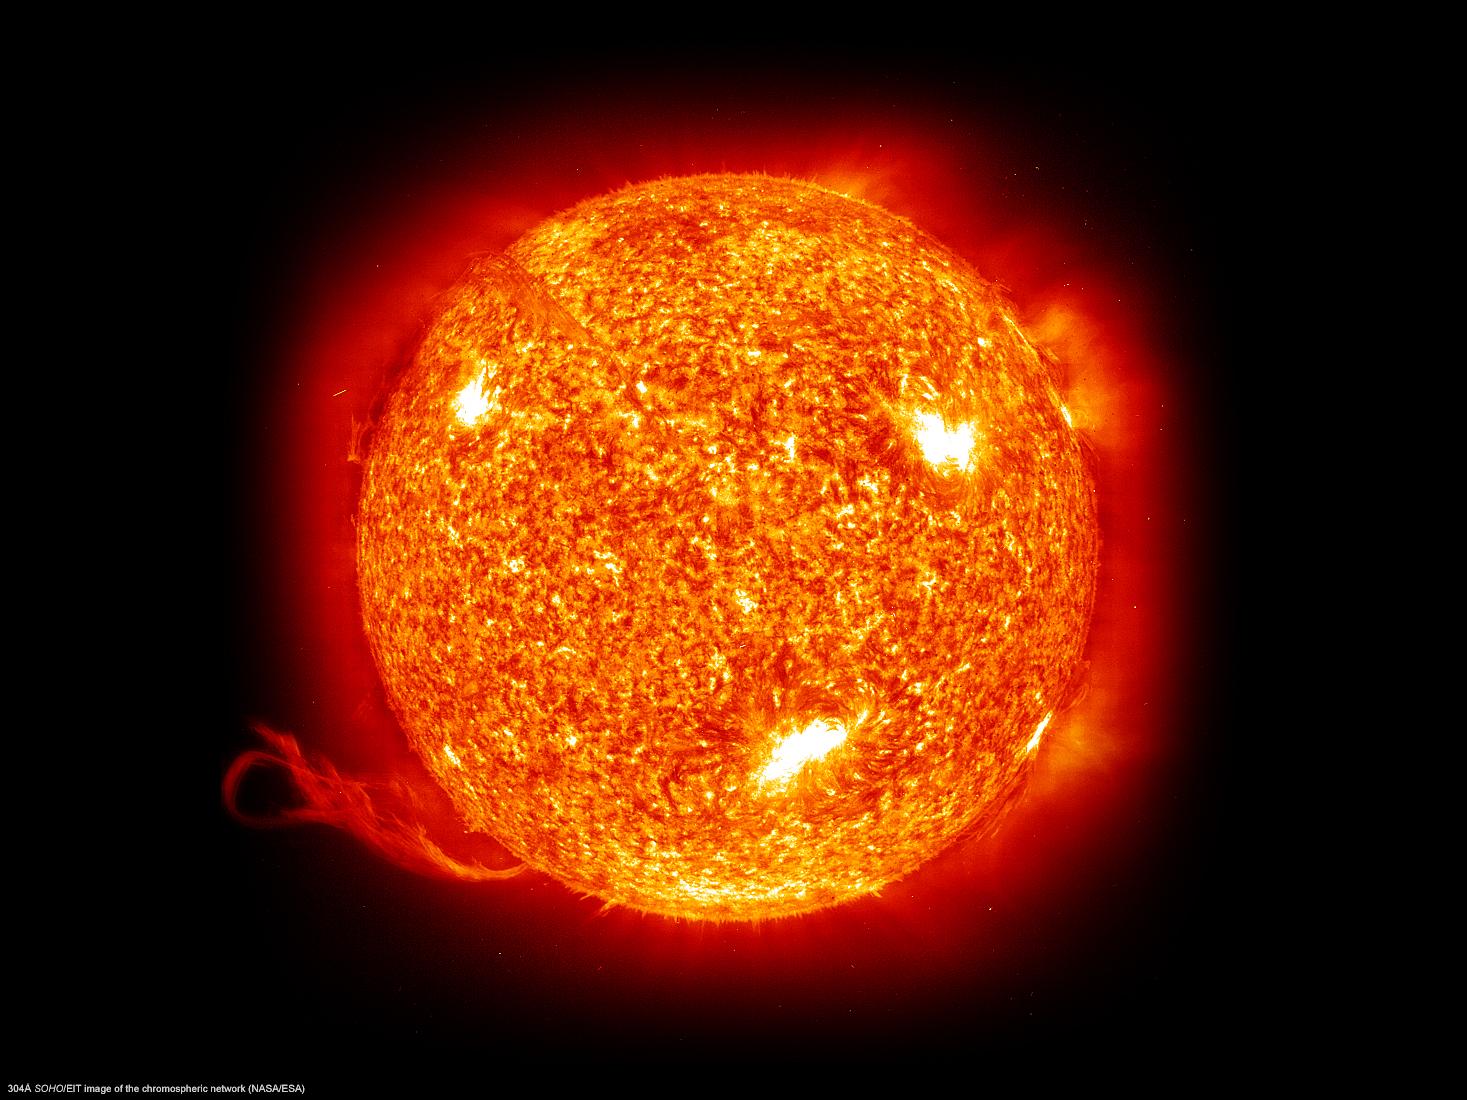 Руските учени искат да разберат как слънчевата активност влияе върху системите за връзка.